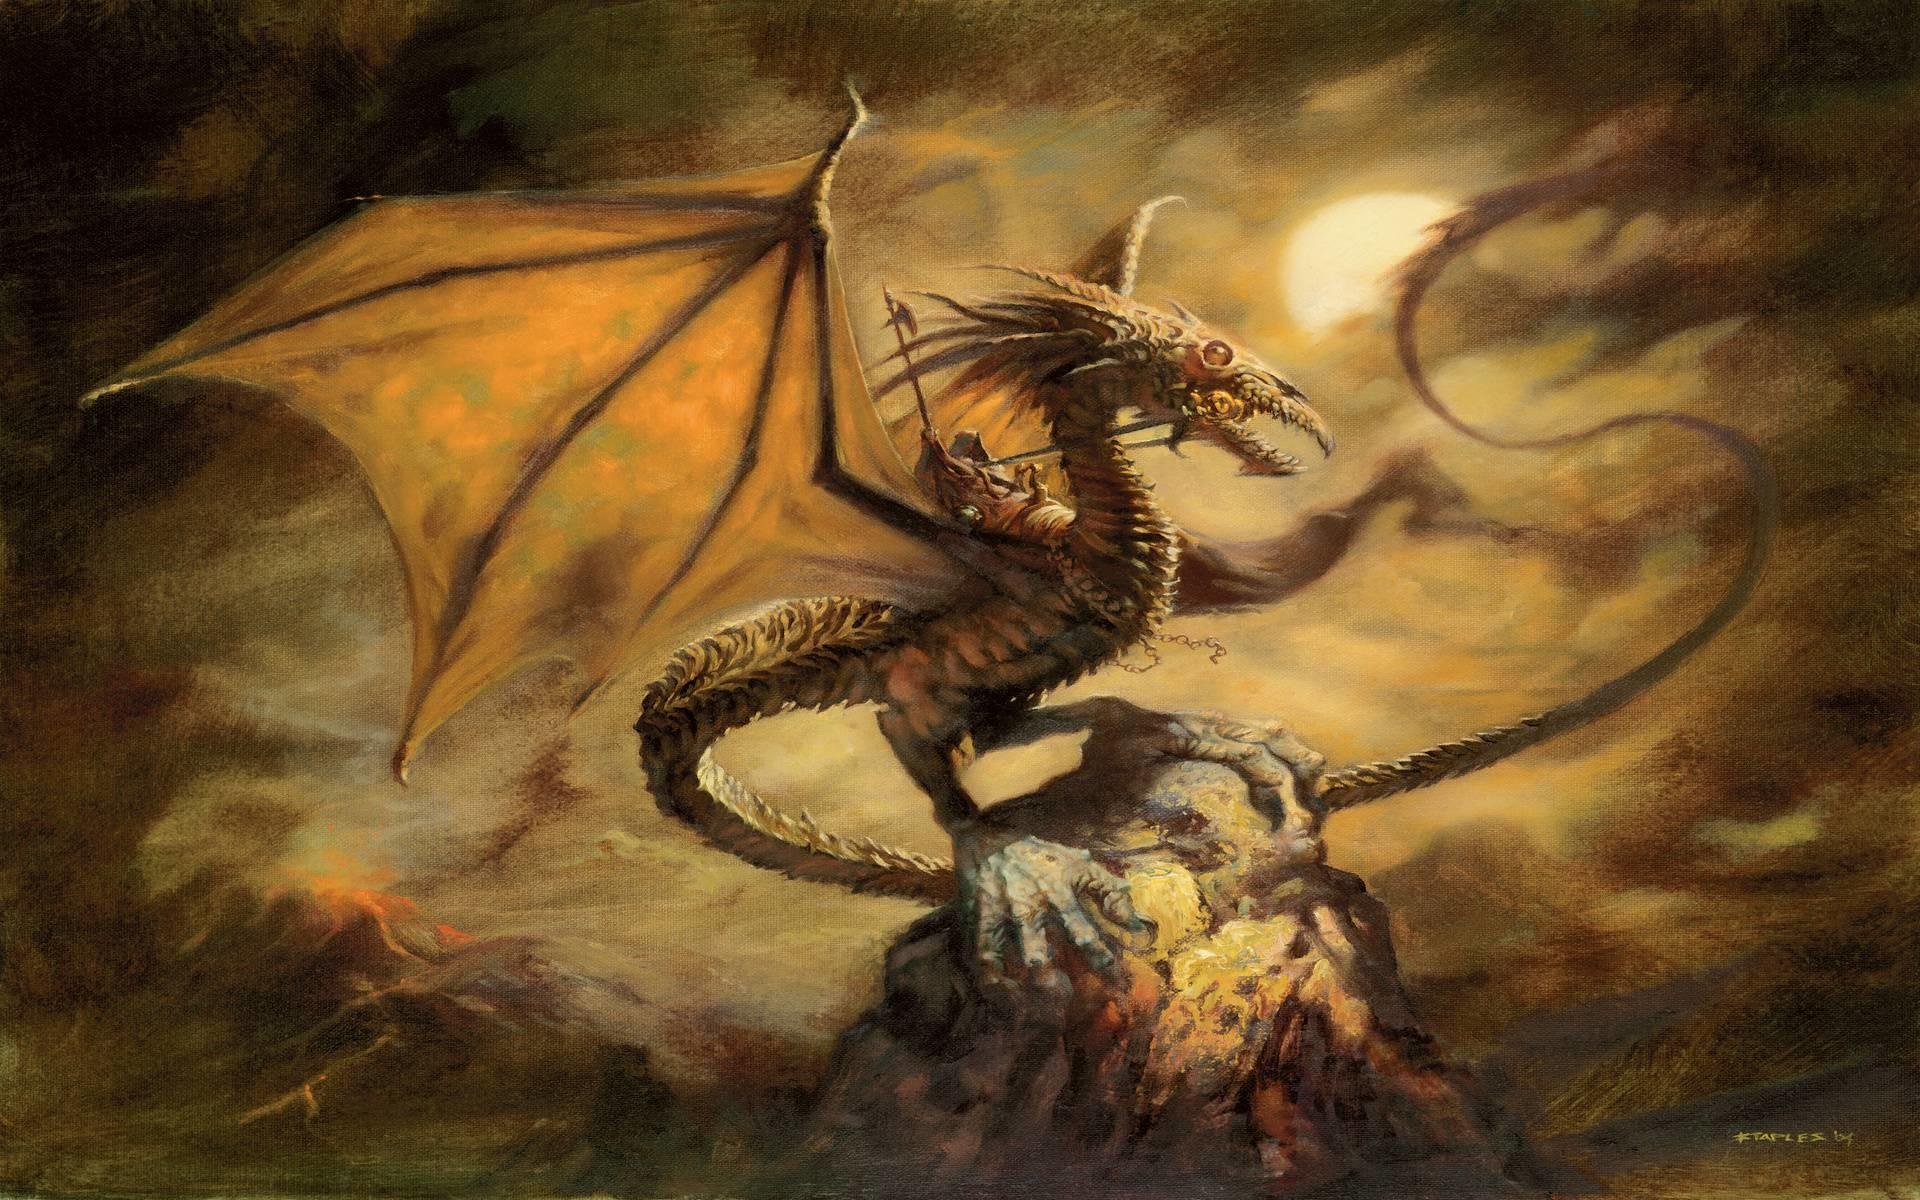 Free Dragon Perch Wallpapers, Free Dragon Perch HD Wallpapers .